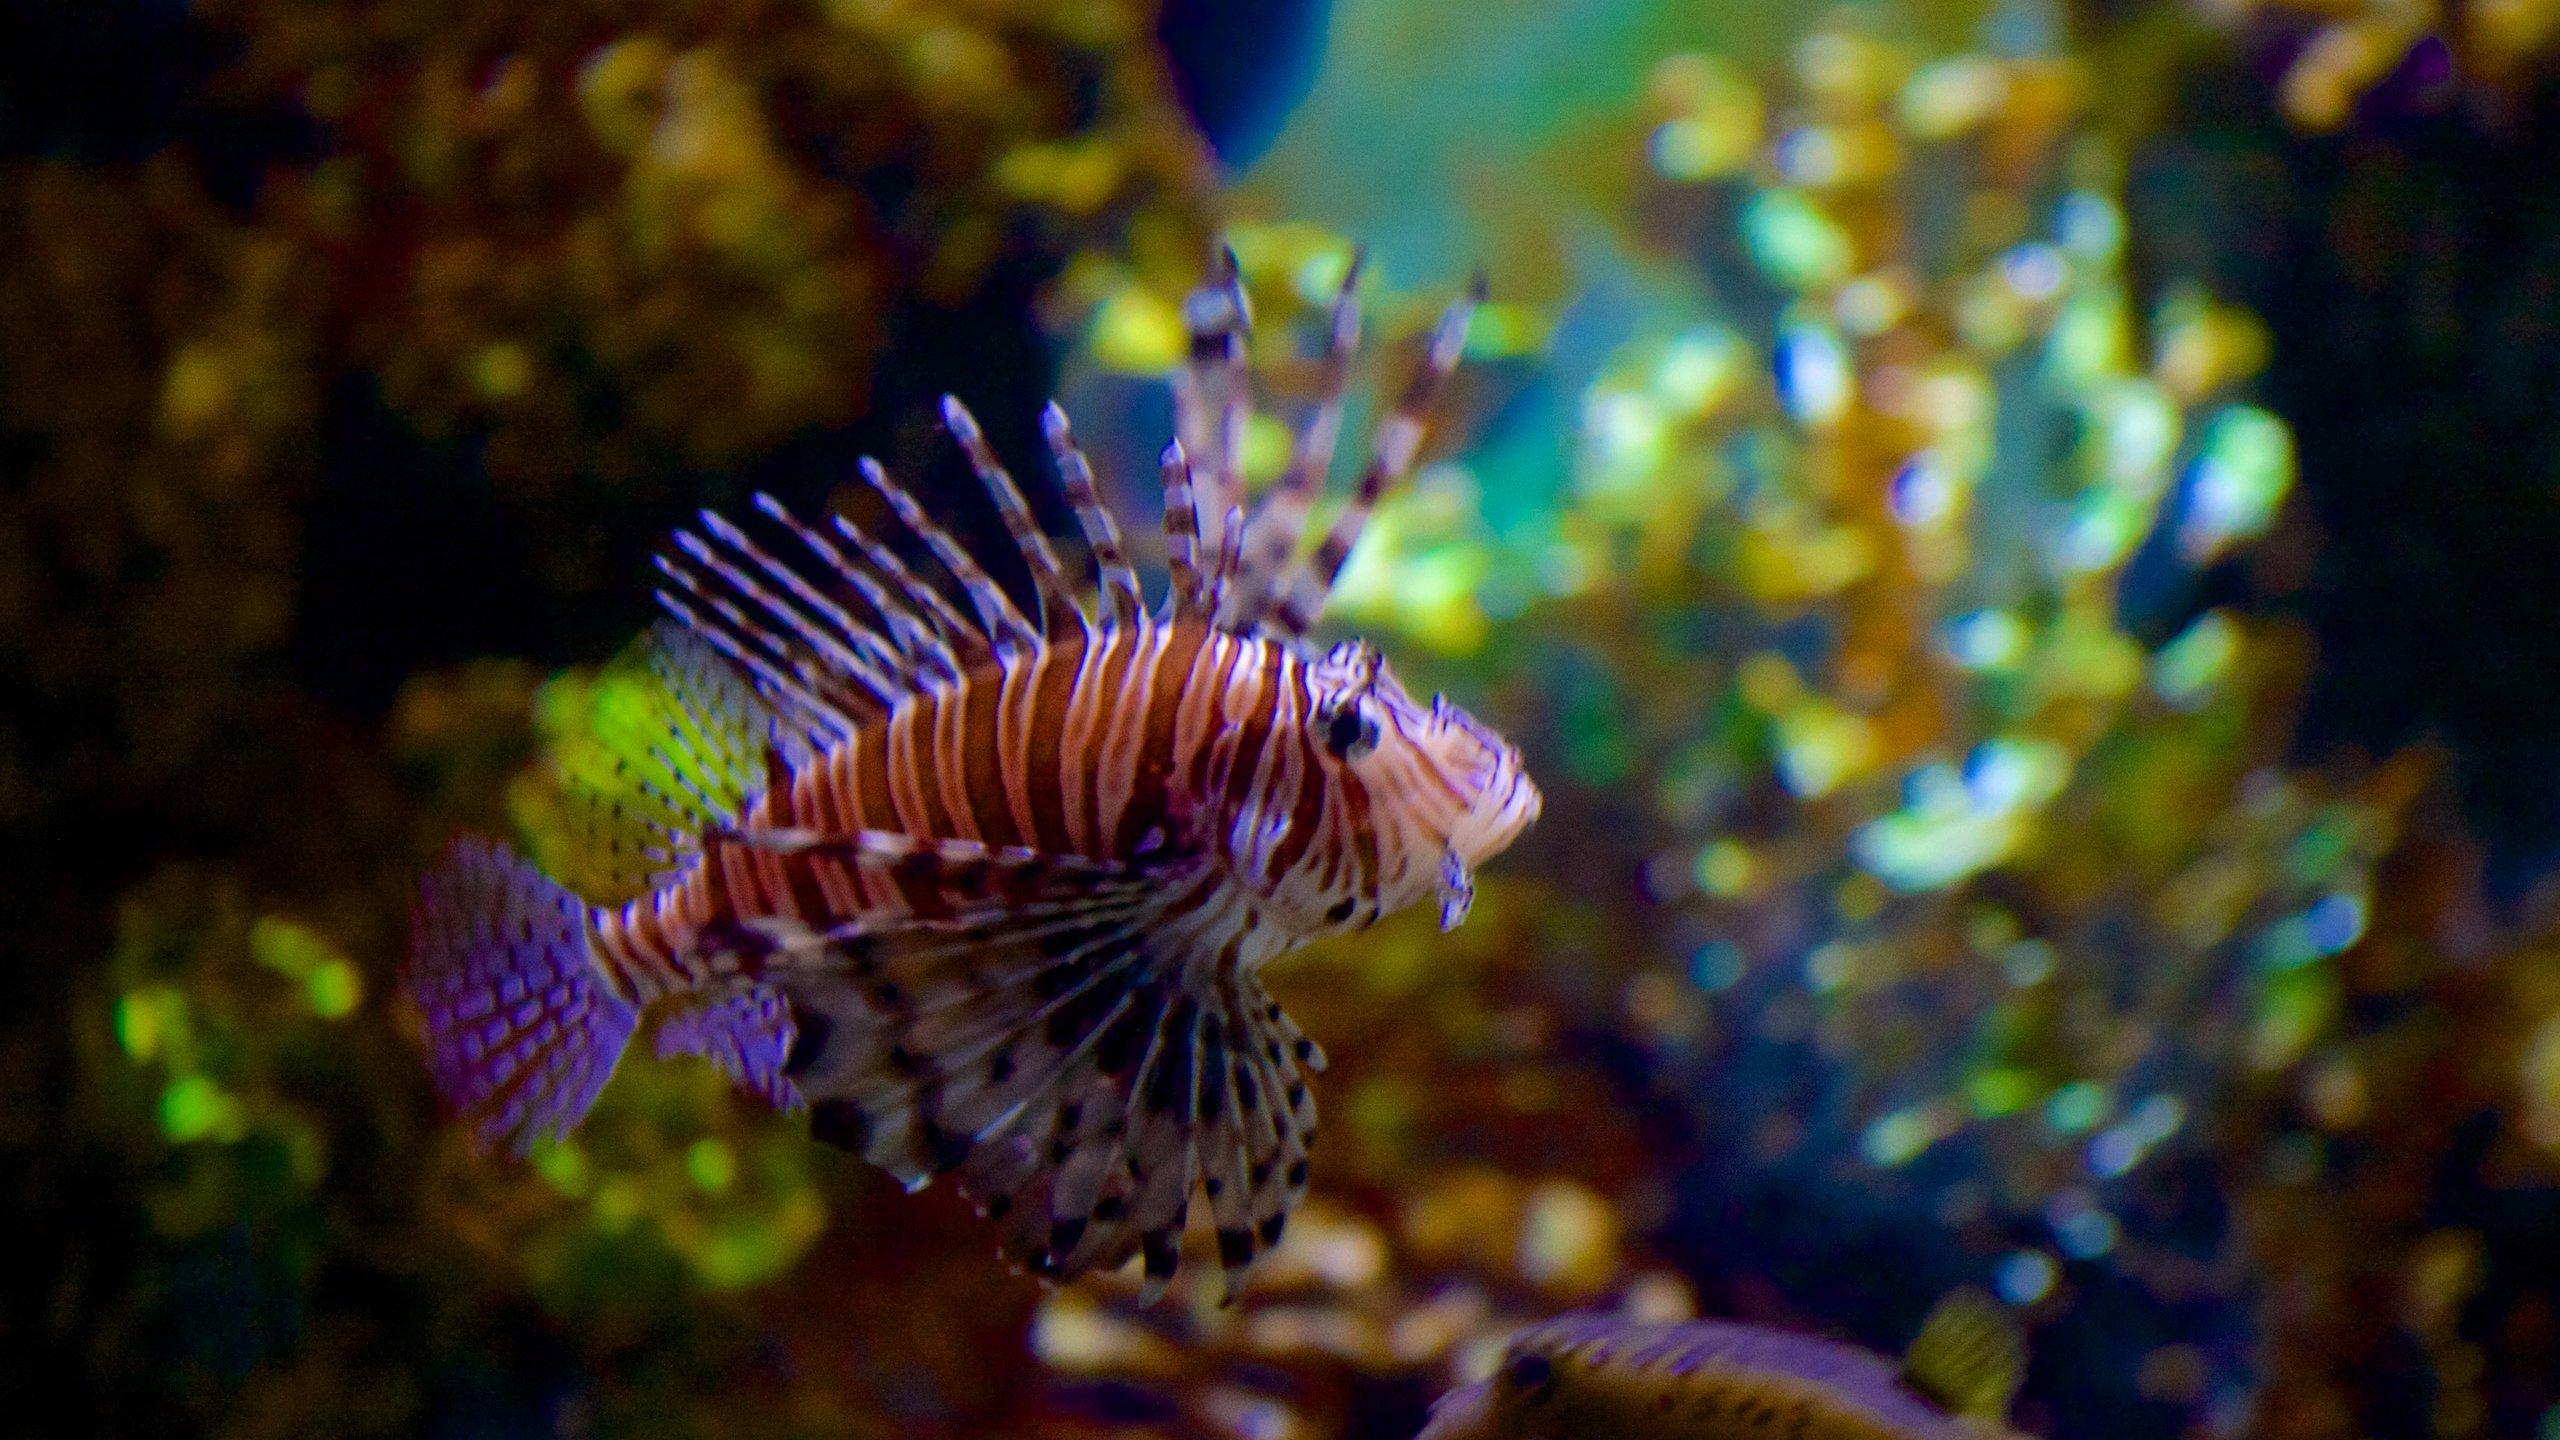 Erleben Sie in diesem modernen Aquarium im malerischen Qawra die hübschen einheimischen Fische aus den Gewässern Maltas aus nächster Nähe.